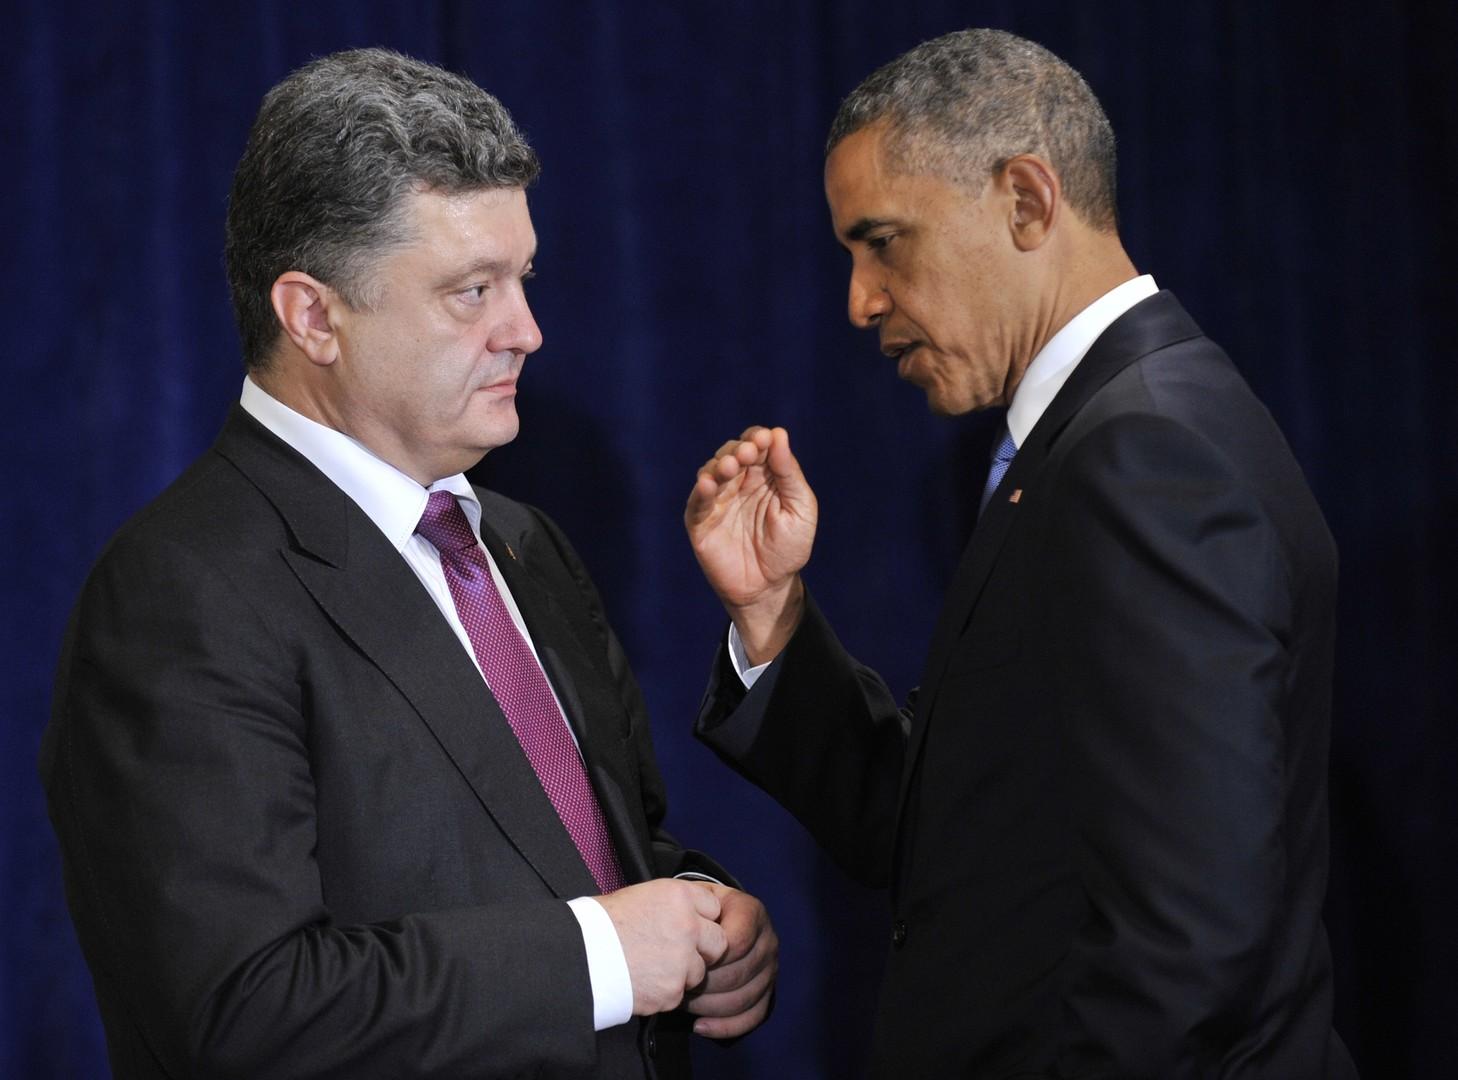 Präsident Poroschenko mit Präsident Obama in Warschaw am 04.06.2014.